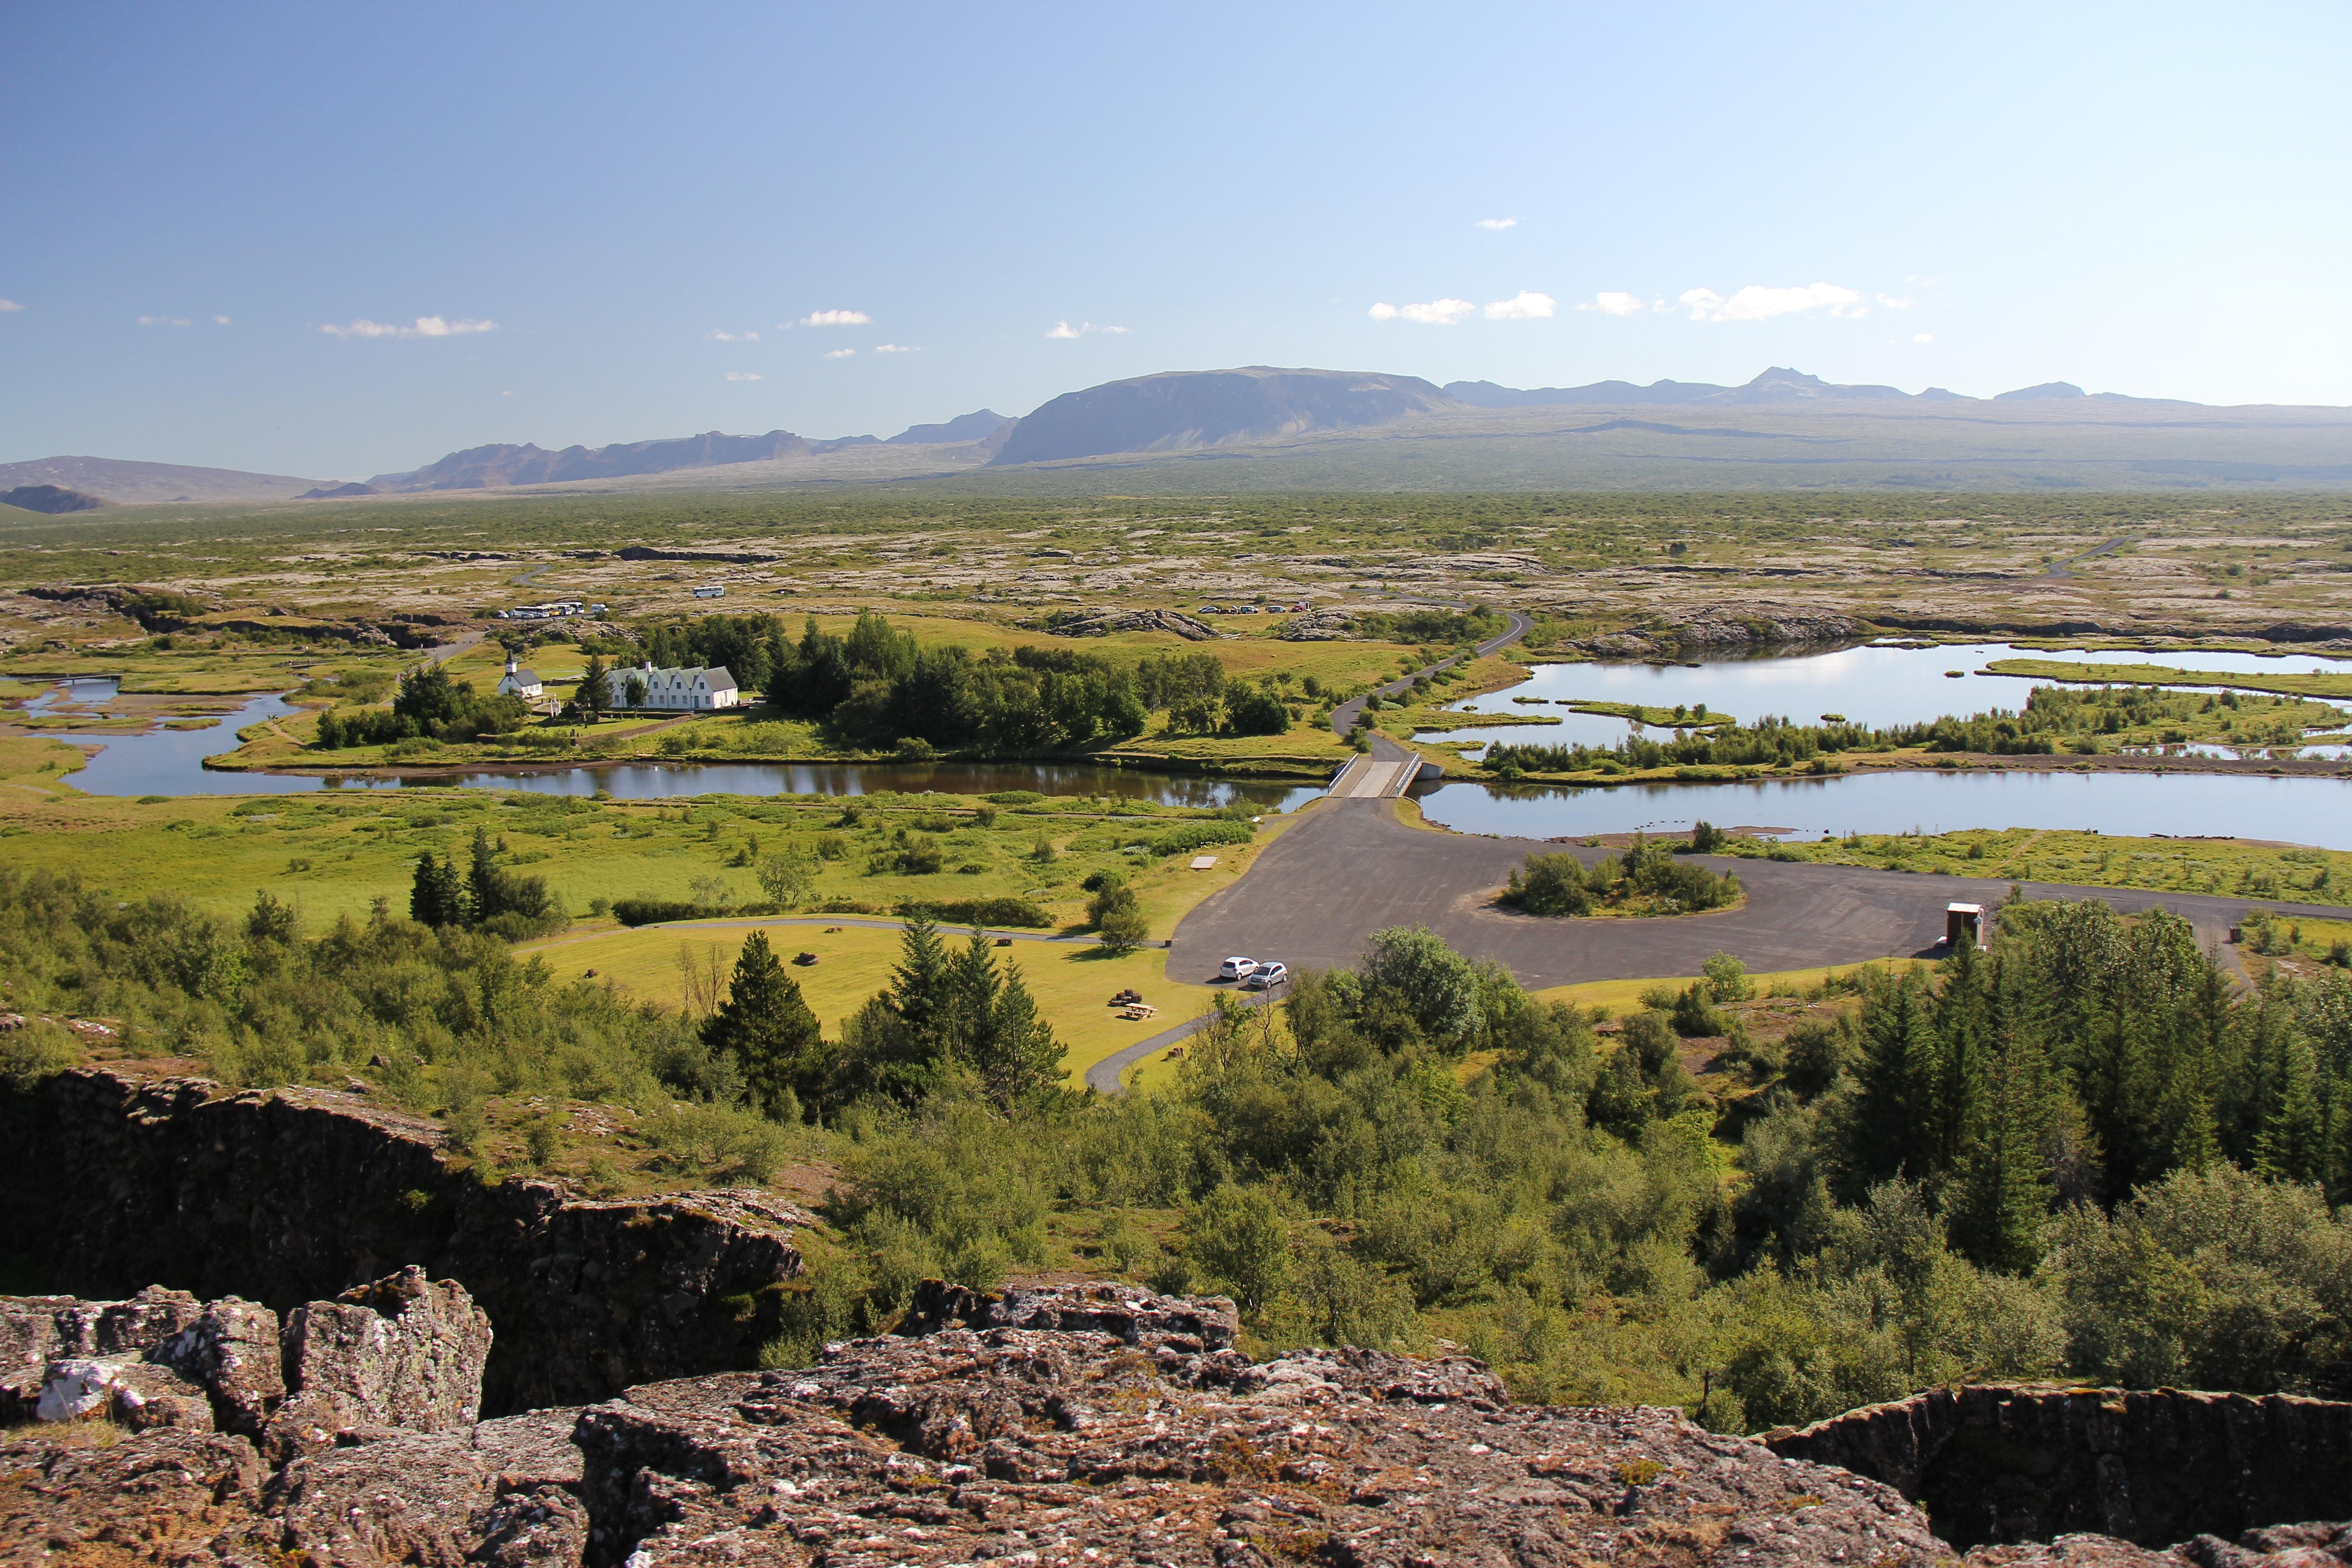 Tingvellir - vikingernes tinge - er en nationalpark i det sydlige Island på Reykjanes-halvøen, 40 km øst for Reykjavík. Her ligger også brudlinjen mellem den nordamerikanske og den europæiske tektoniske plade. Her samledes islændingene for første gang i år 930 for at løse stridigheder og vedtage nye love. Þingvellir var nationens mødested helt frem til år 1798, da danskerne opløste tinget, altså i alt i 868 år. Landets øverste ledelse var Altinget, der havde hovedsæde på Þingvellir. Altinget var en lovgivende og dømmende forsamling. Der udarbejdedes løsningsforslag til konflikter fra landets forskellige egne. Oprindeligt samledes Altingi i de sidste 14 dage i juni måned hvert år, men senere blev det lavet om, så Altinget blev samlet i en uges tid i begyndelsen af juli måned. På dette historiske sted blev den islandske republik udråbt den 17. juni 1944. I 2004 blev stedet fredet af UNESCO. Ud over sin historiske betydning er Þingvallir også kendt for sit interessante geologiske landskab. Tingstedet er omgivet af stejle vægge af sten og vulkansk lava, fra den tid Tingvallavatn opstod gennem en sprække mellem kontinenterne for tusind år siden. I området er der mange jordskælv. Området blev nationalpark i 1928. Stedet er sammen med vandfaldet Gullfoss og gejserne i Haukadalur Islands mest berømte seværdigheder - den såkaldte gyldne cirkel.